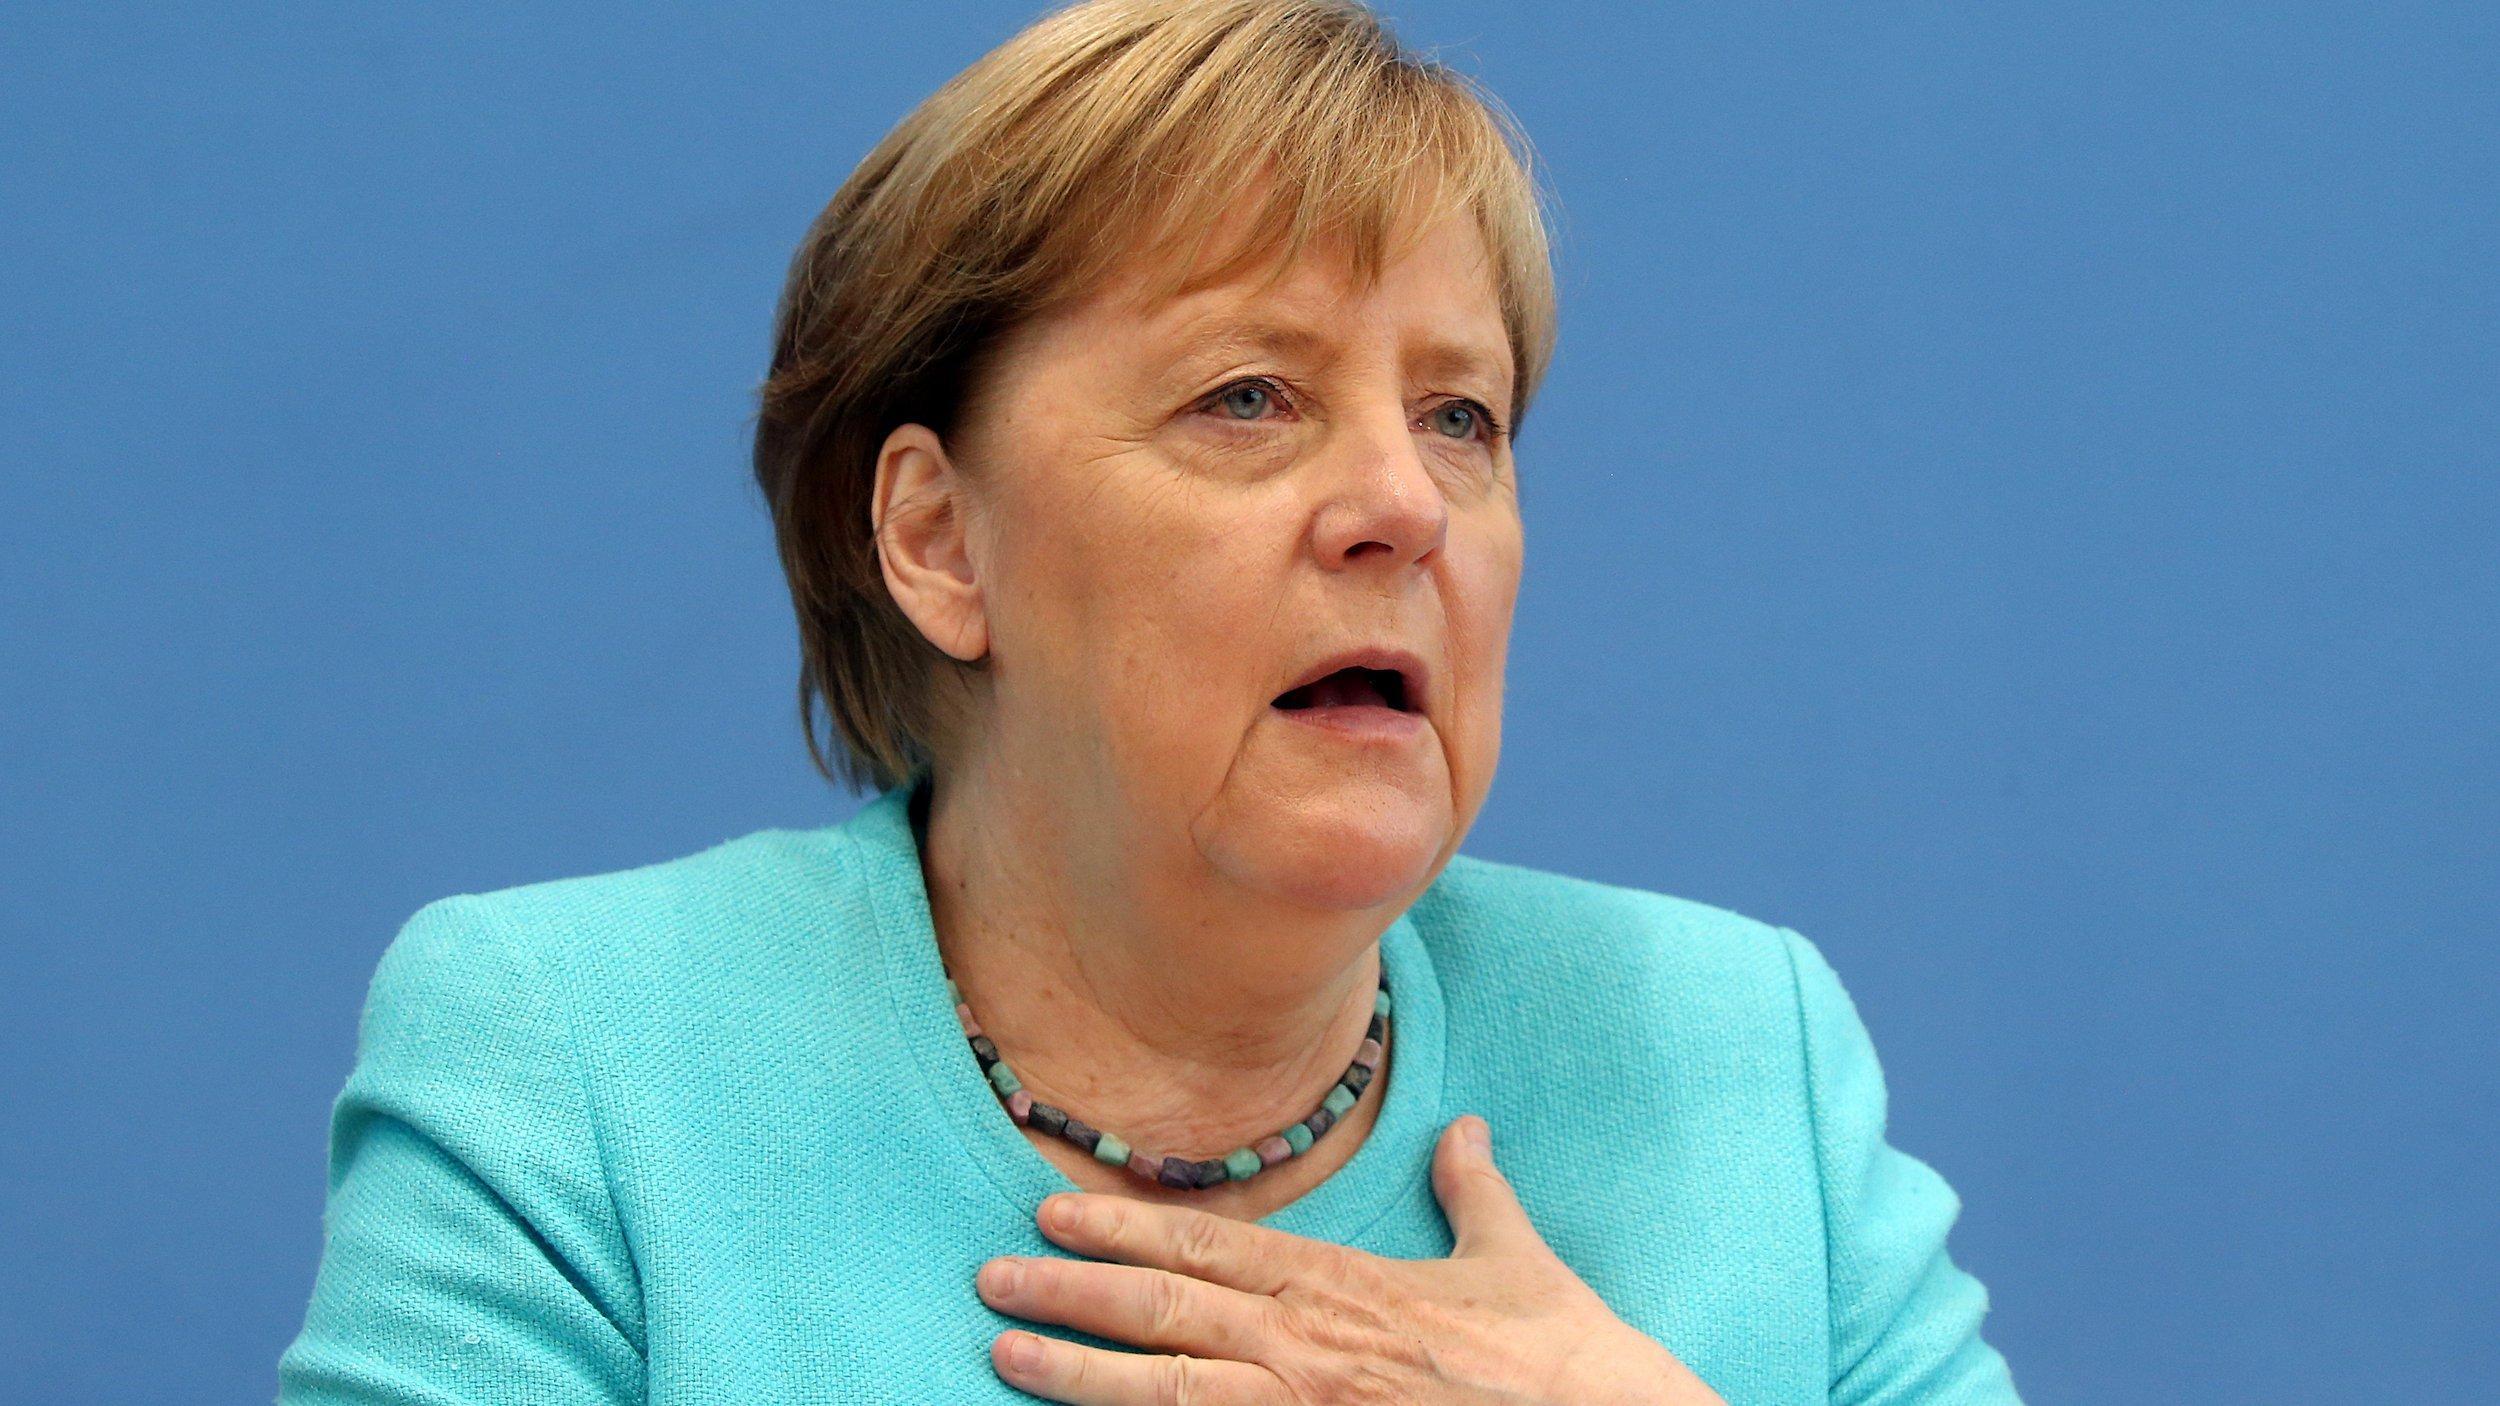 Bundeskanzlerin Angela Merkel (CDU) sitzt in der Bundespressekonferenz und stellt sich den Fragen der Hauptstadt-Journalisten.